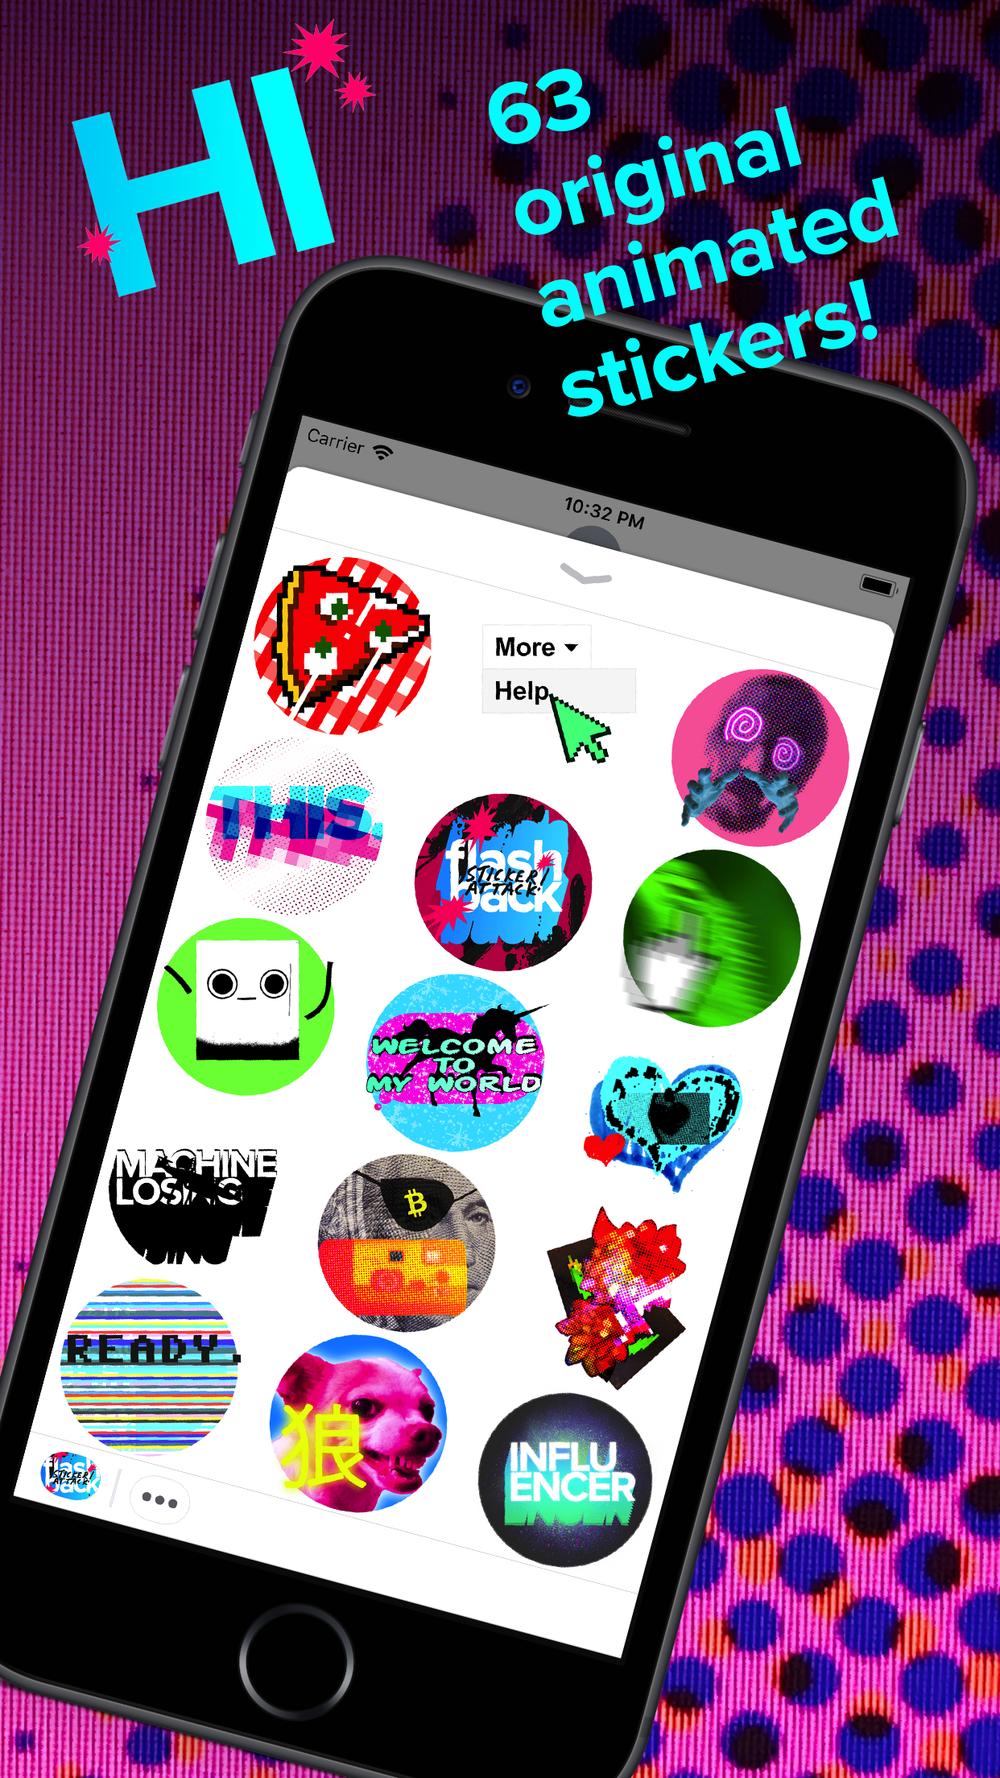 flashback-sticker-attack-app-store-01